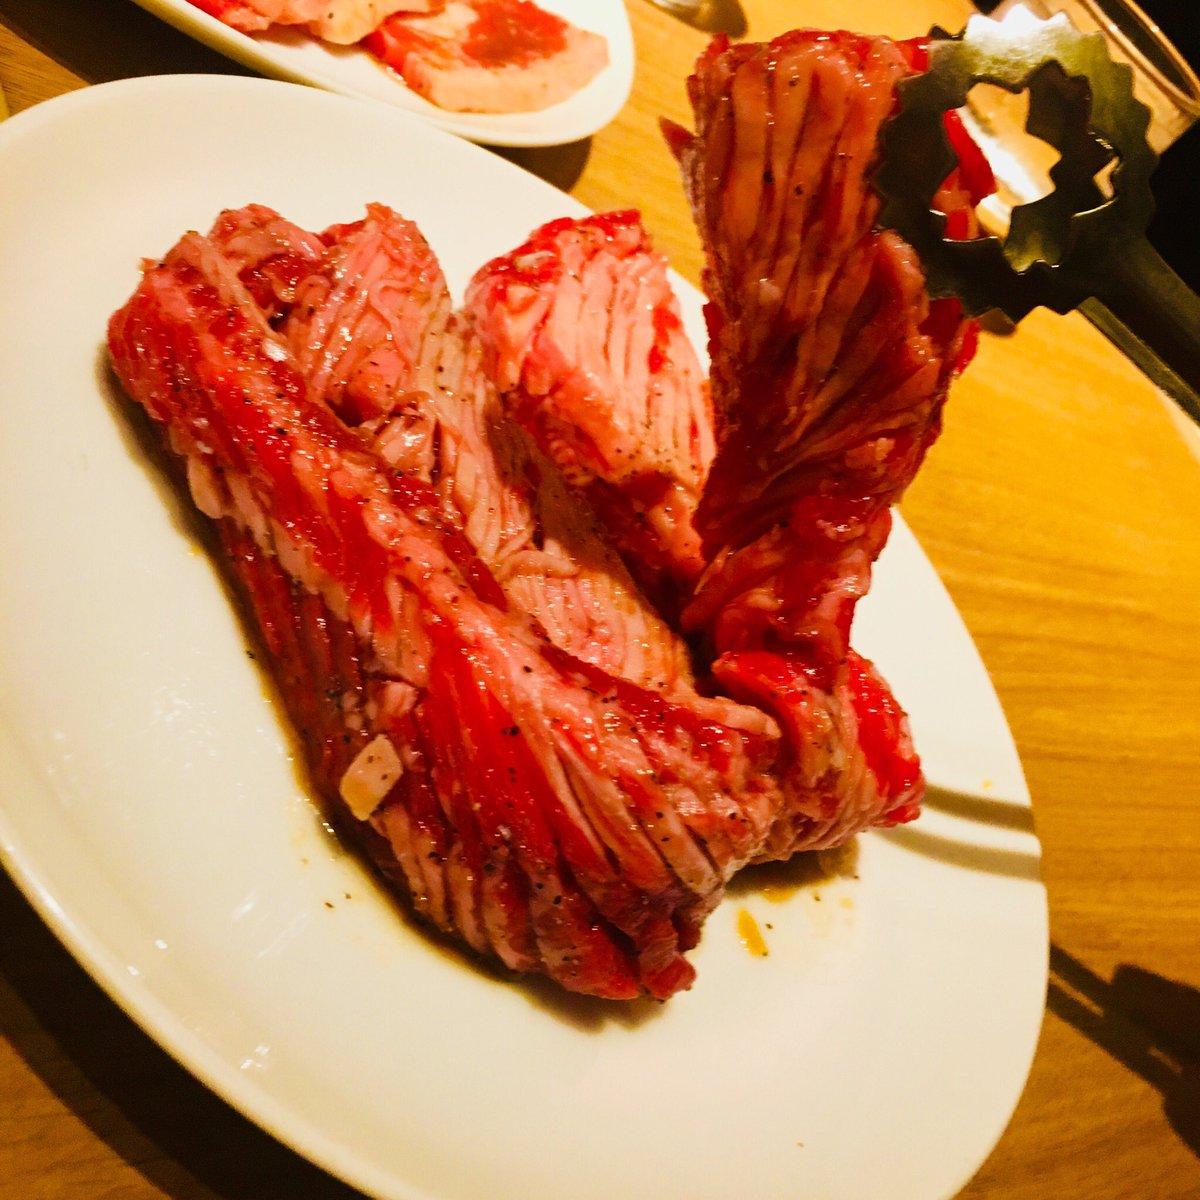 肉食べた https://t.co/oVRisLPMnI